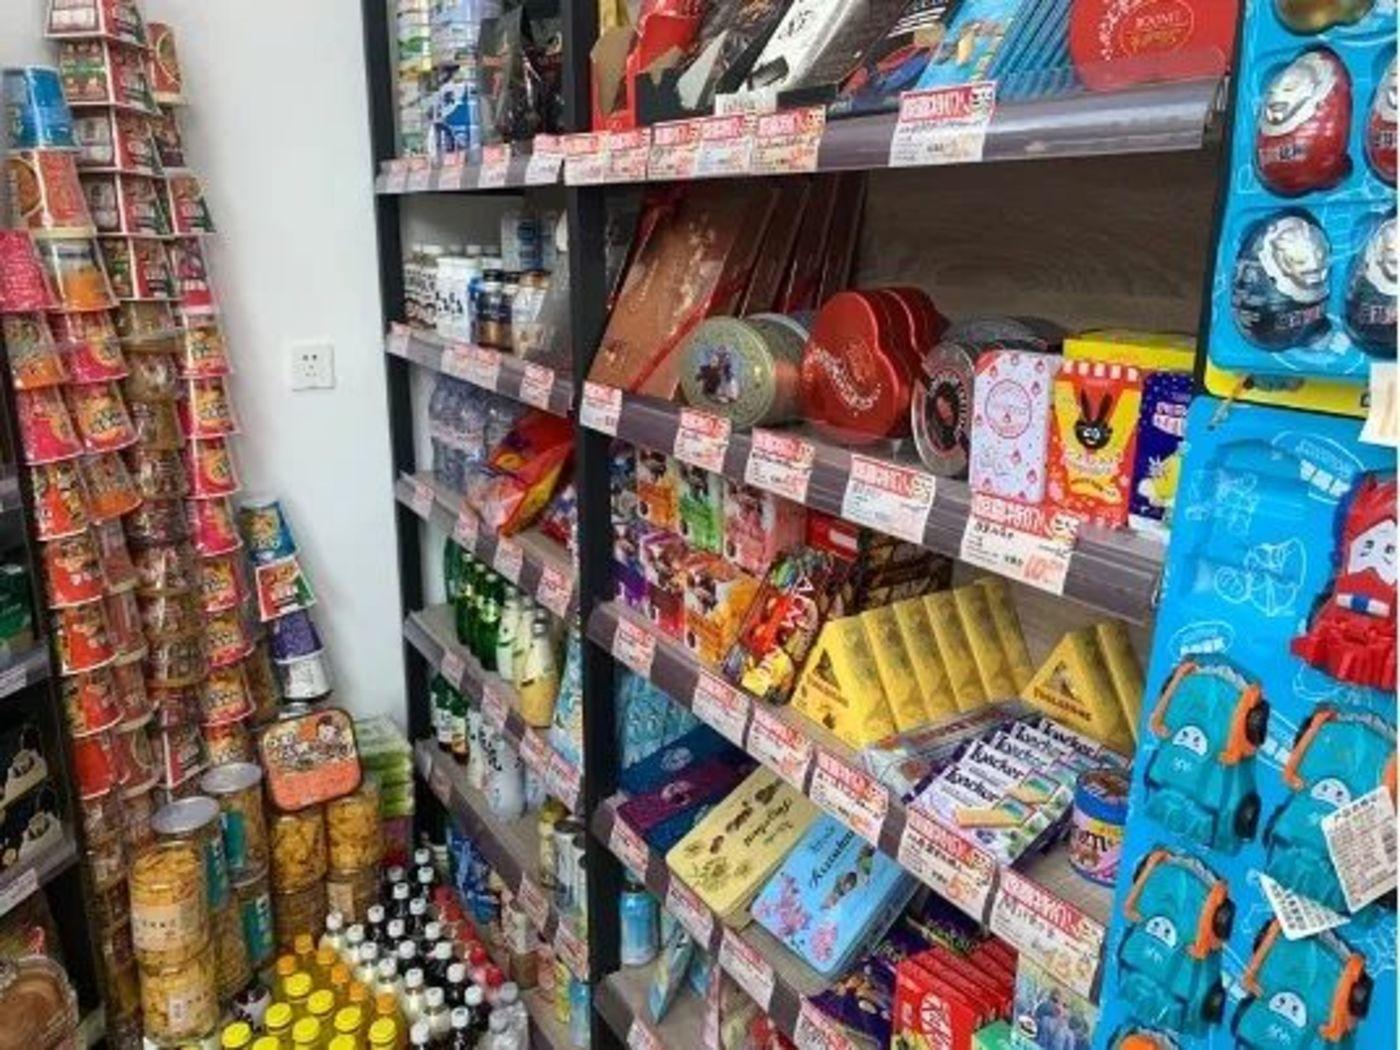 王斌店内的食品货架(图片由受访者提供)